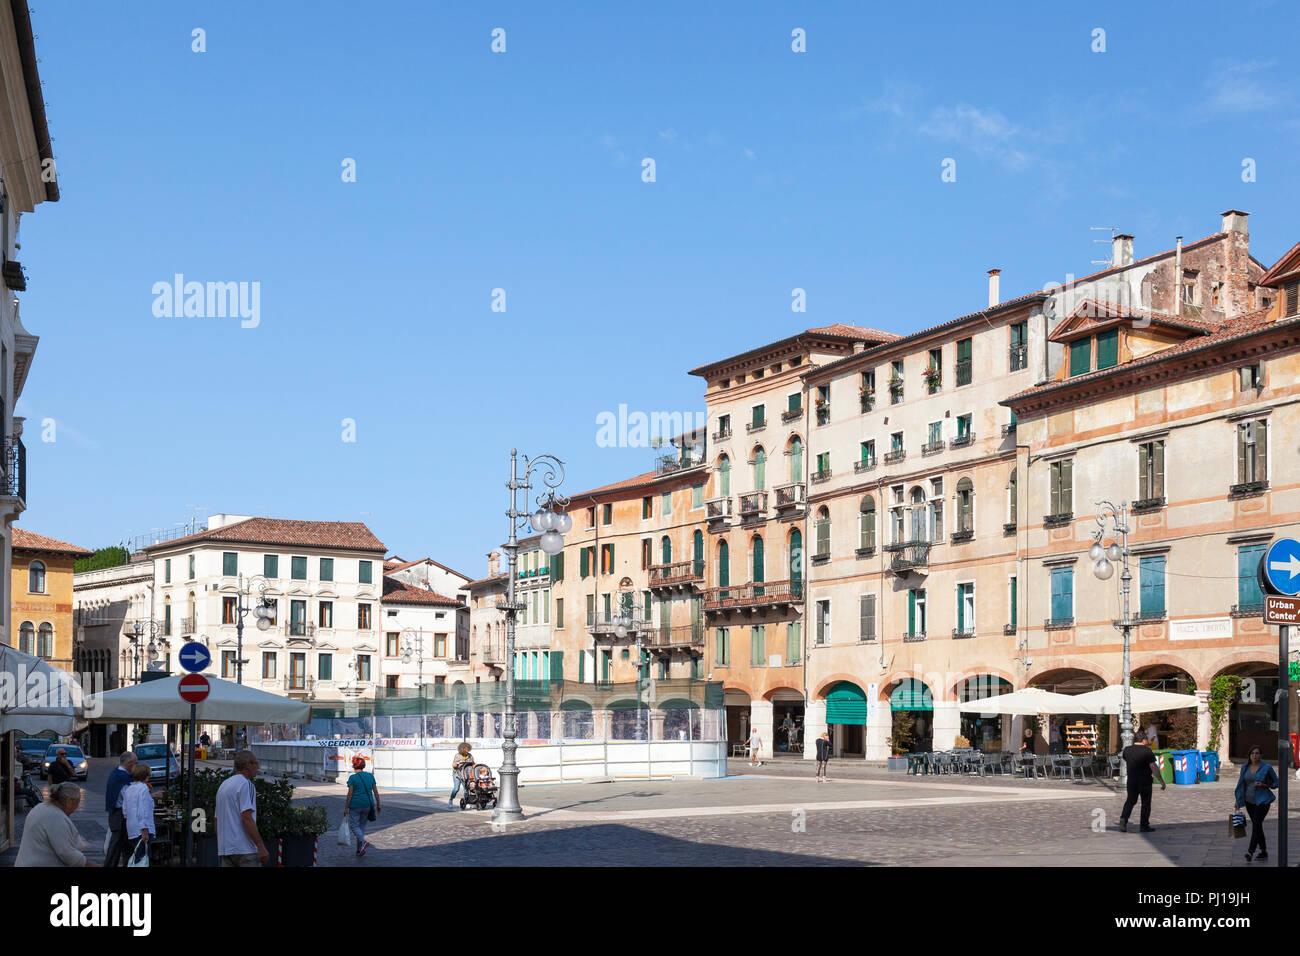 Architetto Bassano Del Grappa piazza liberta, bassano del grappa, vicenza, italia la